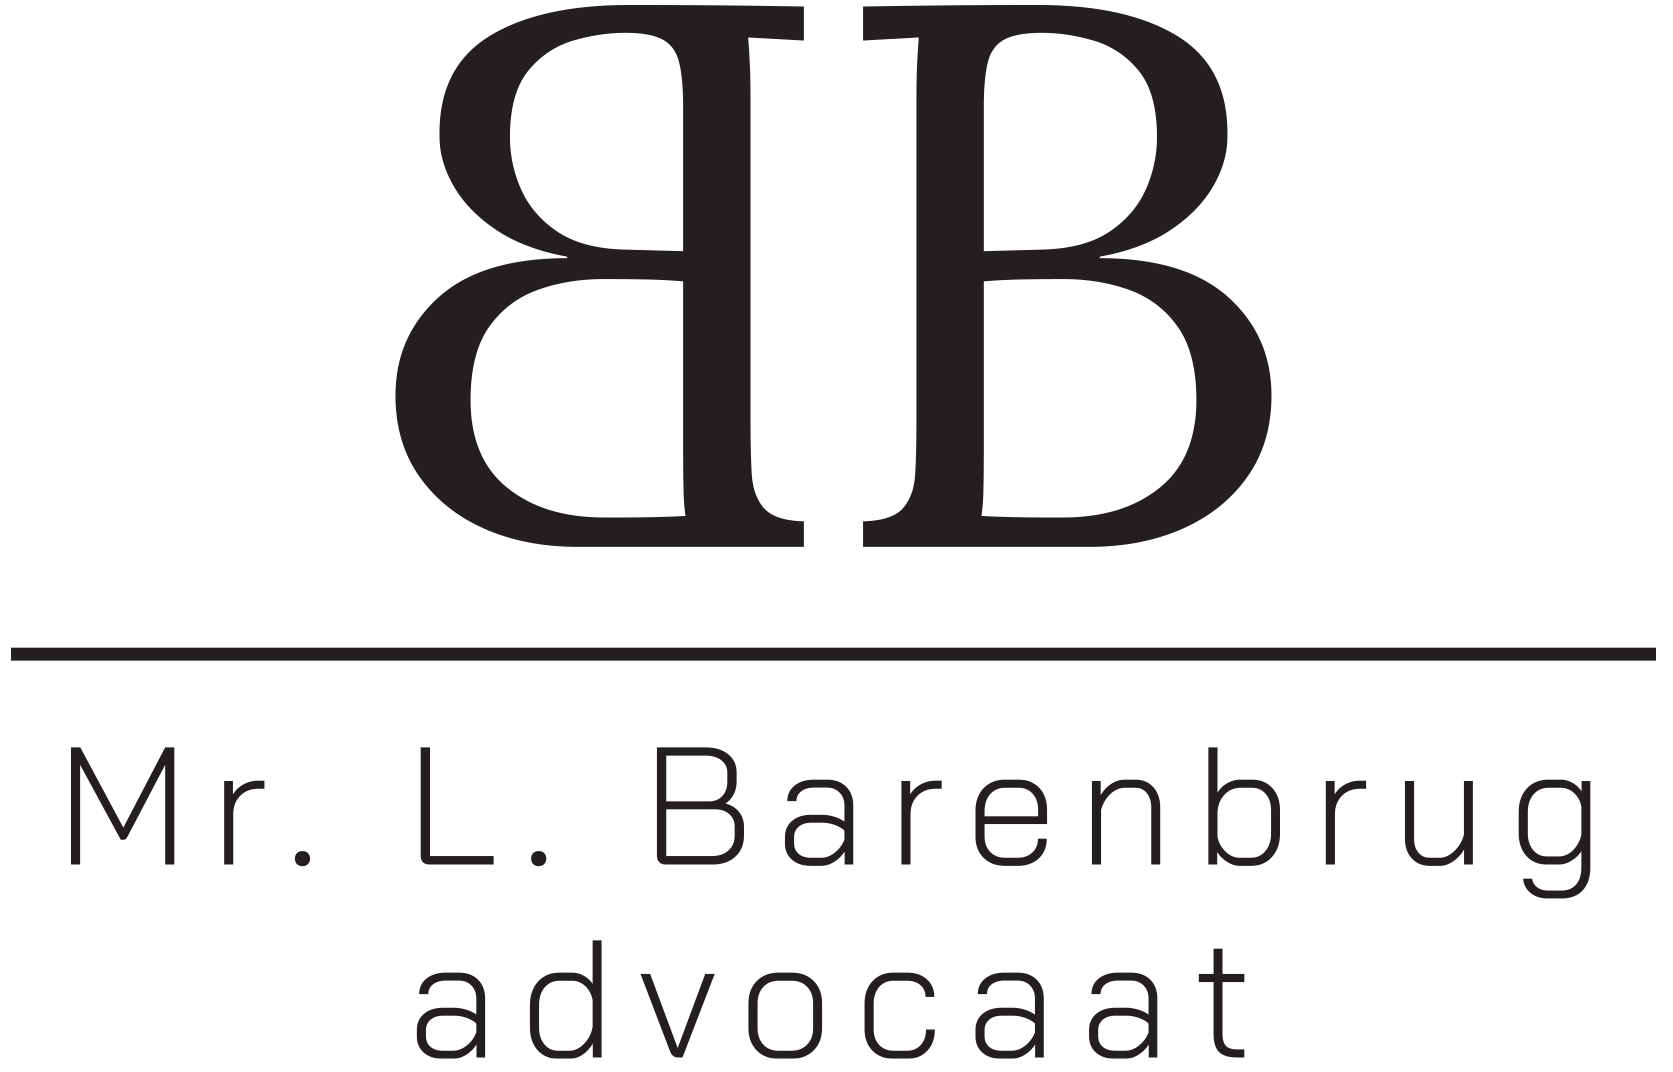 Mr. L. Barenbrug, advocaat